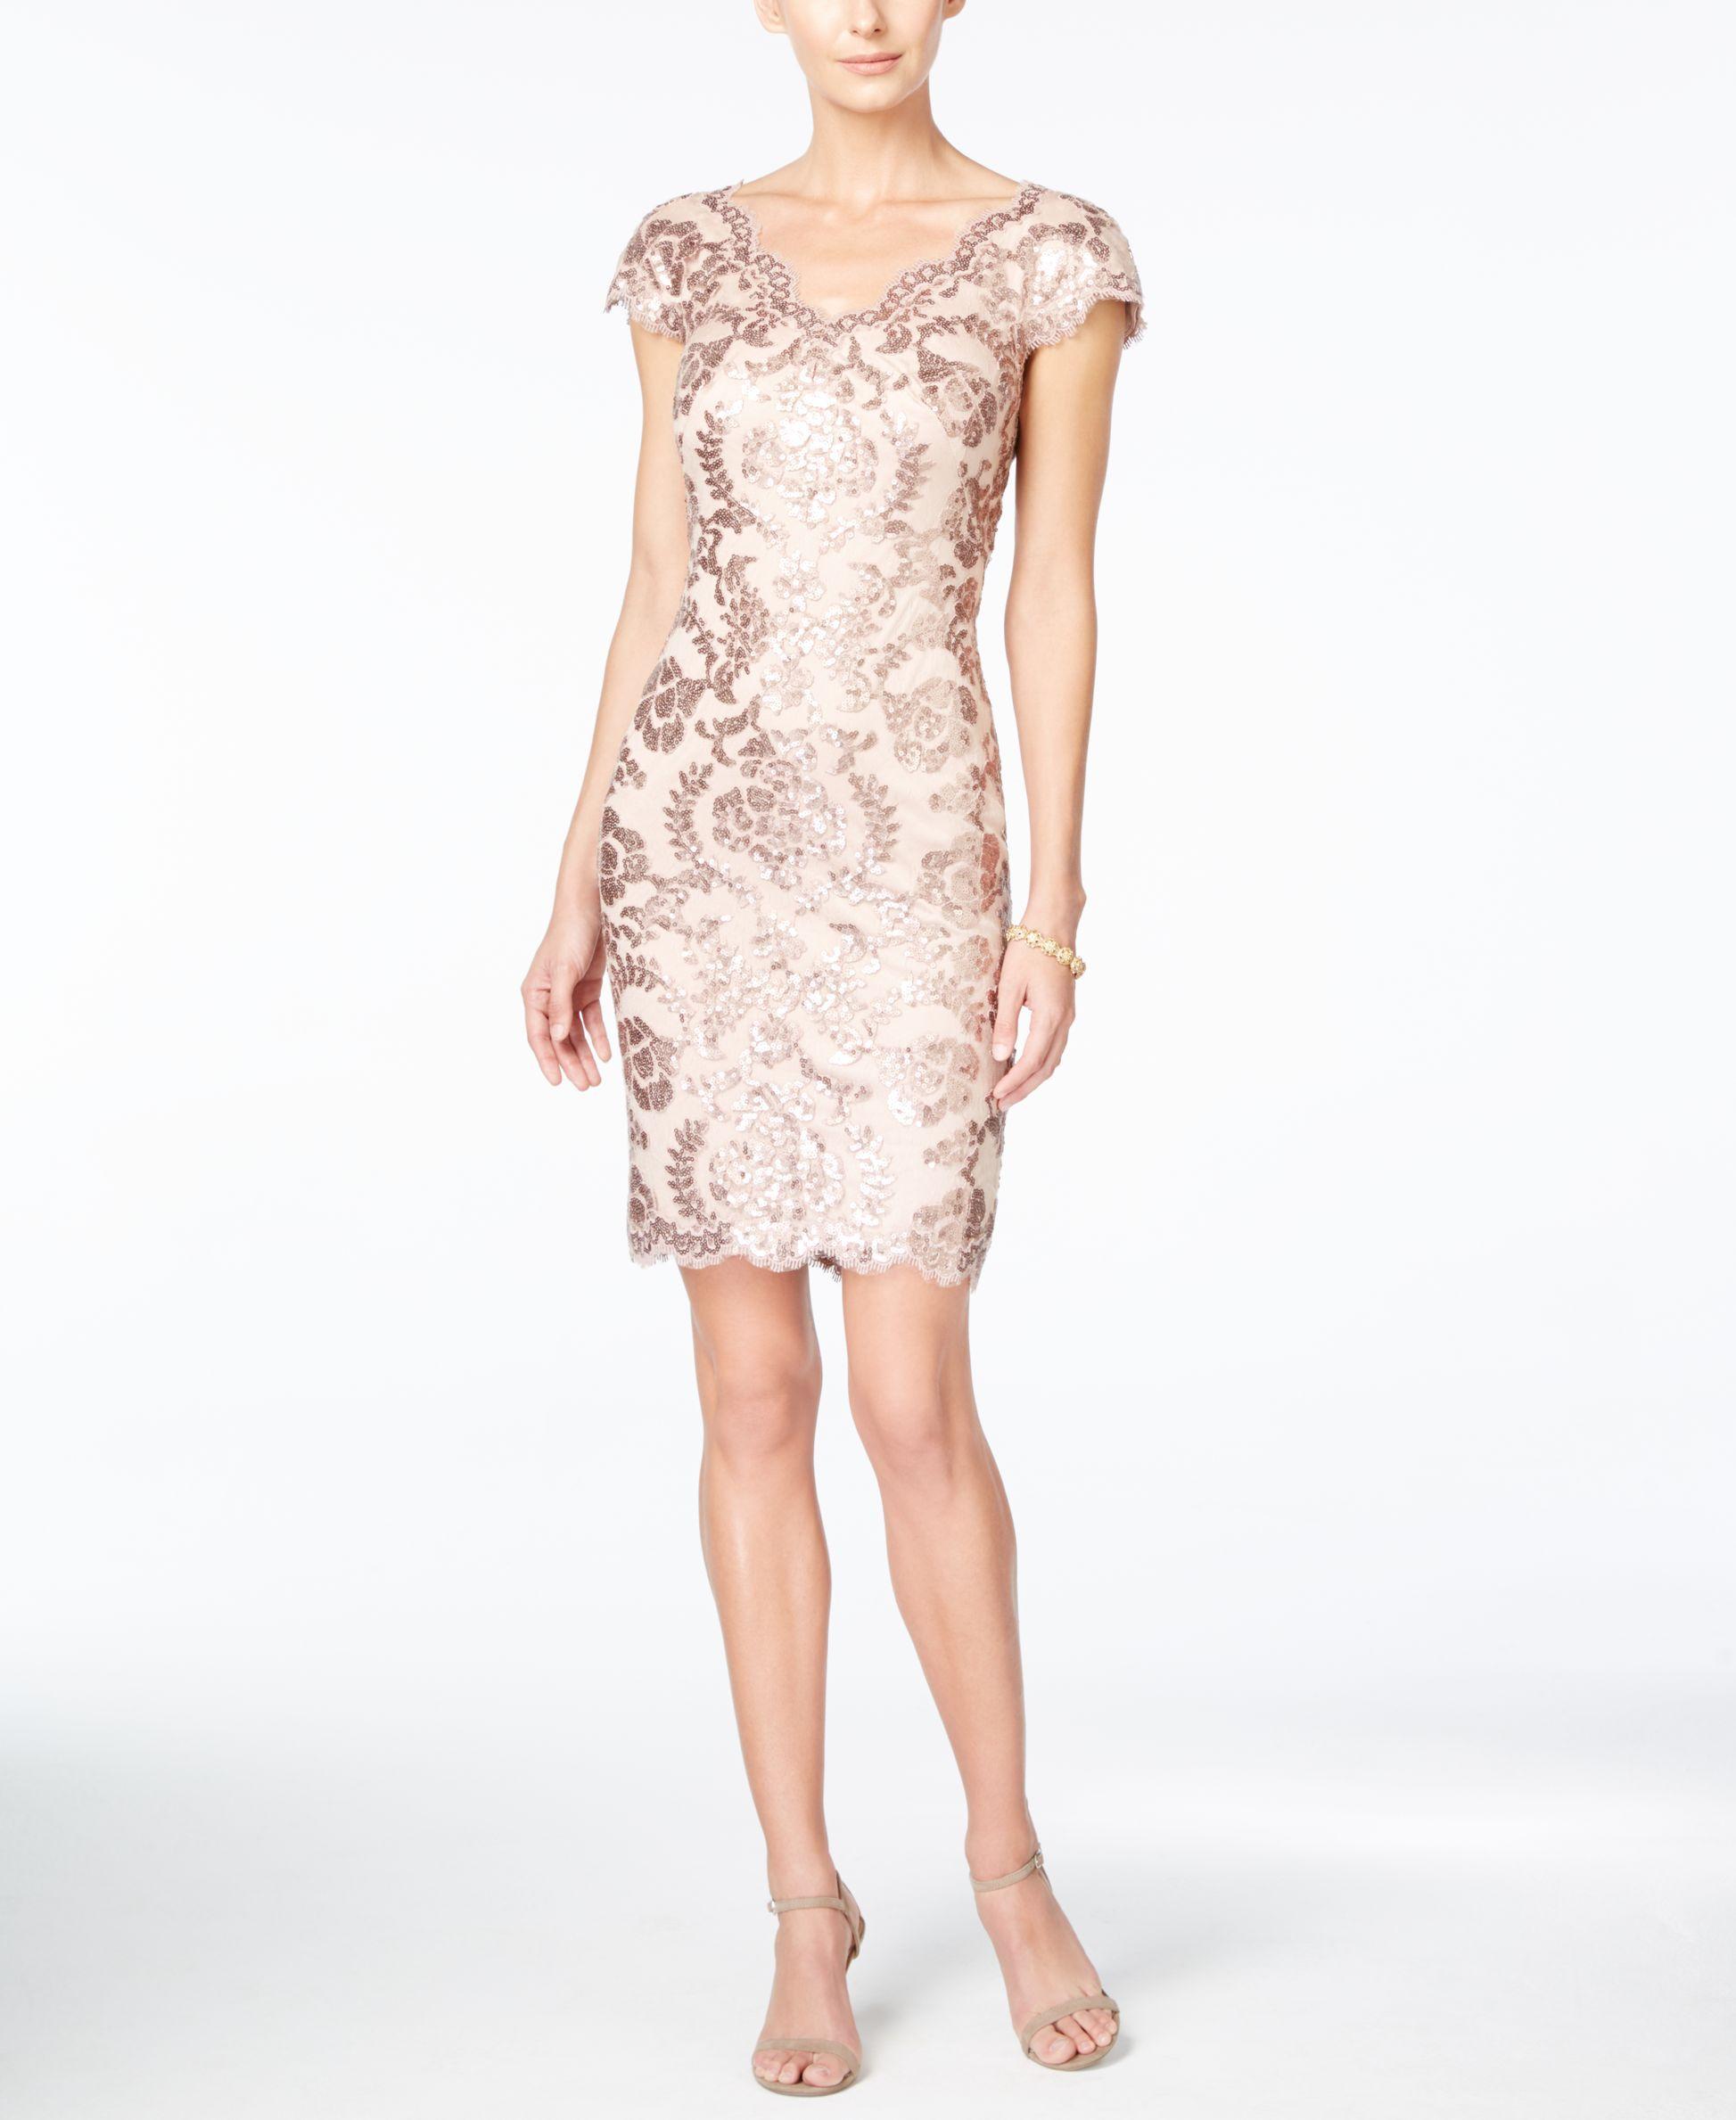 Tadashi Shoji Sequined Sheath Dress | Tadashi shoji